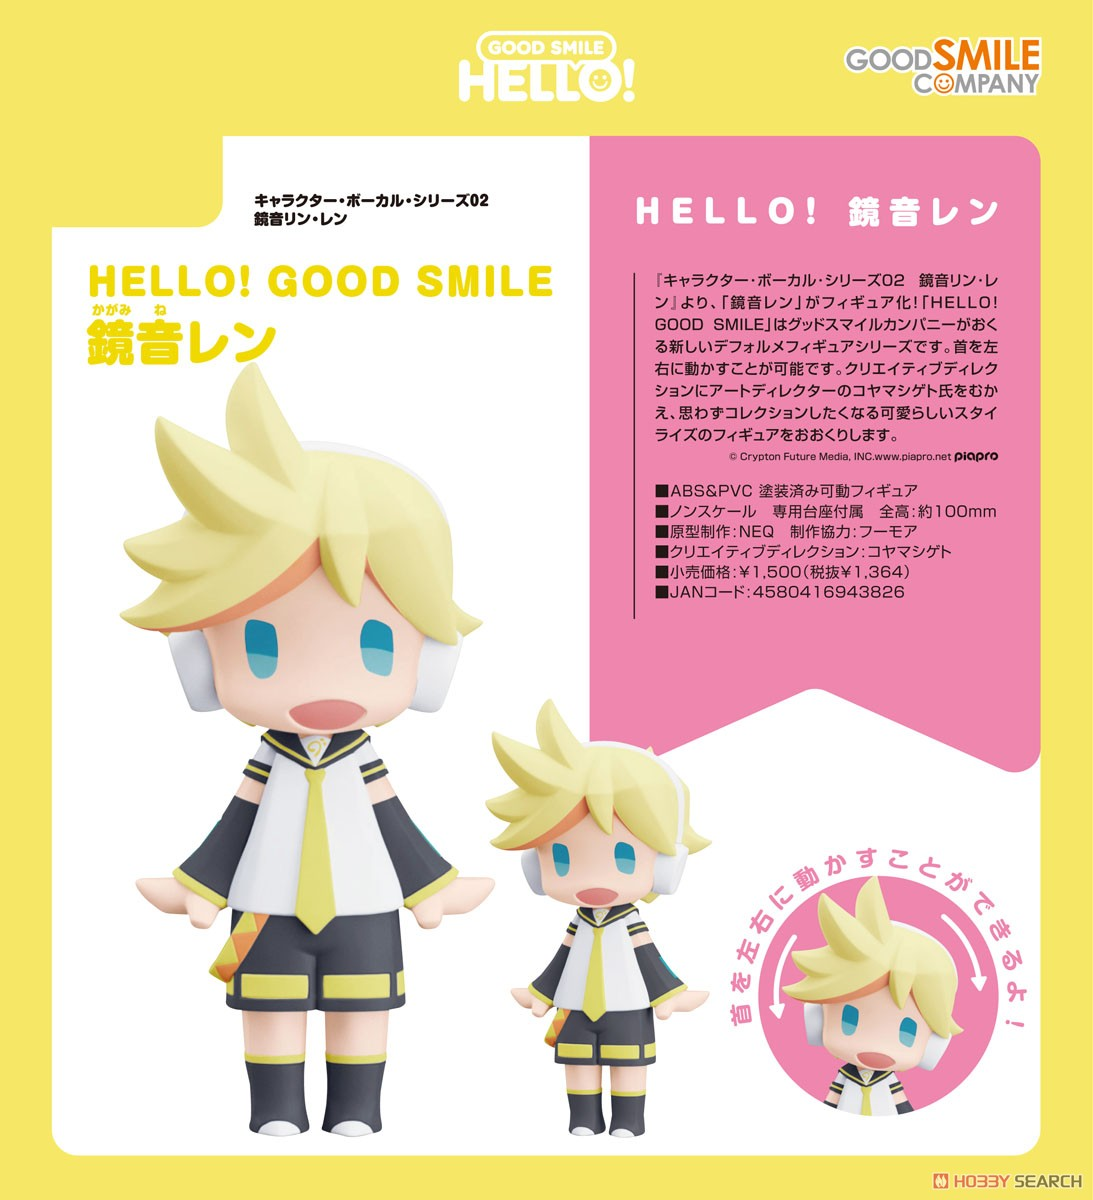 HELLO! GOOD SMILE『初音ミク』キャラクター・ボーカル・シリーズ01 デフォルメ可動フィギュア-012